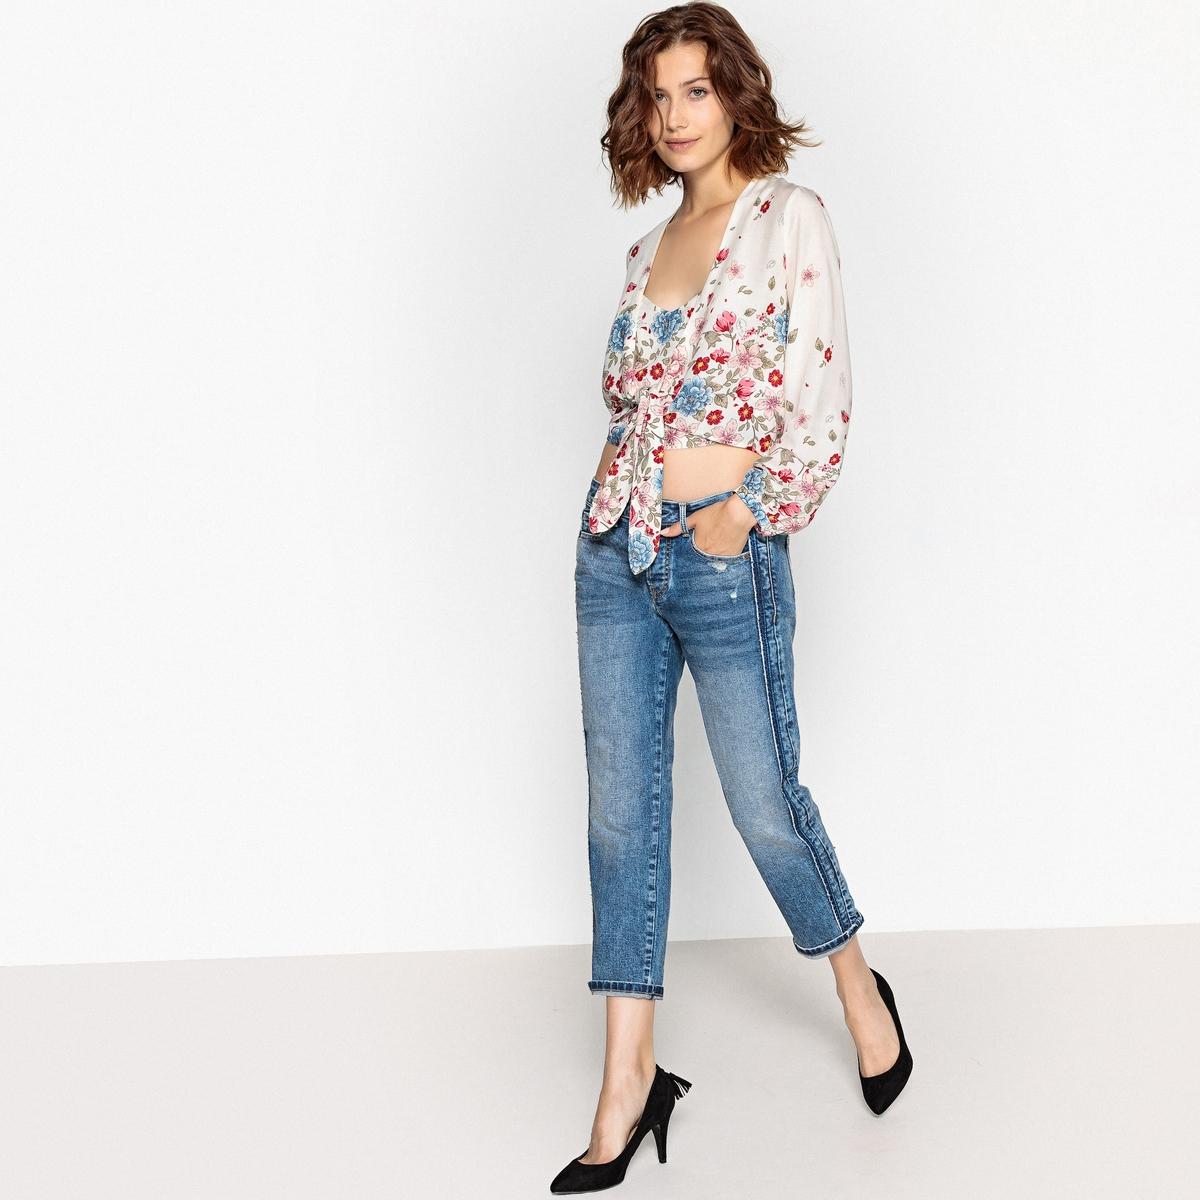 Imagen secundaria de producto de Blusa con cuello de pico anudada en el bajo, estam - Pepe Jeans